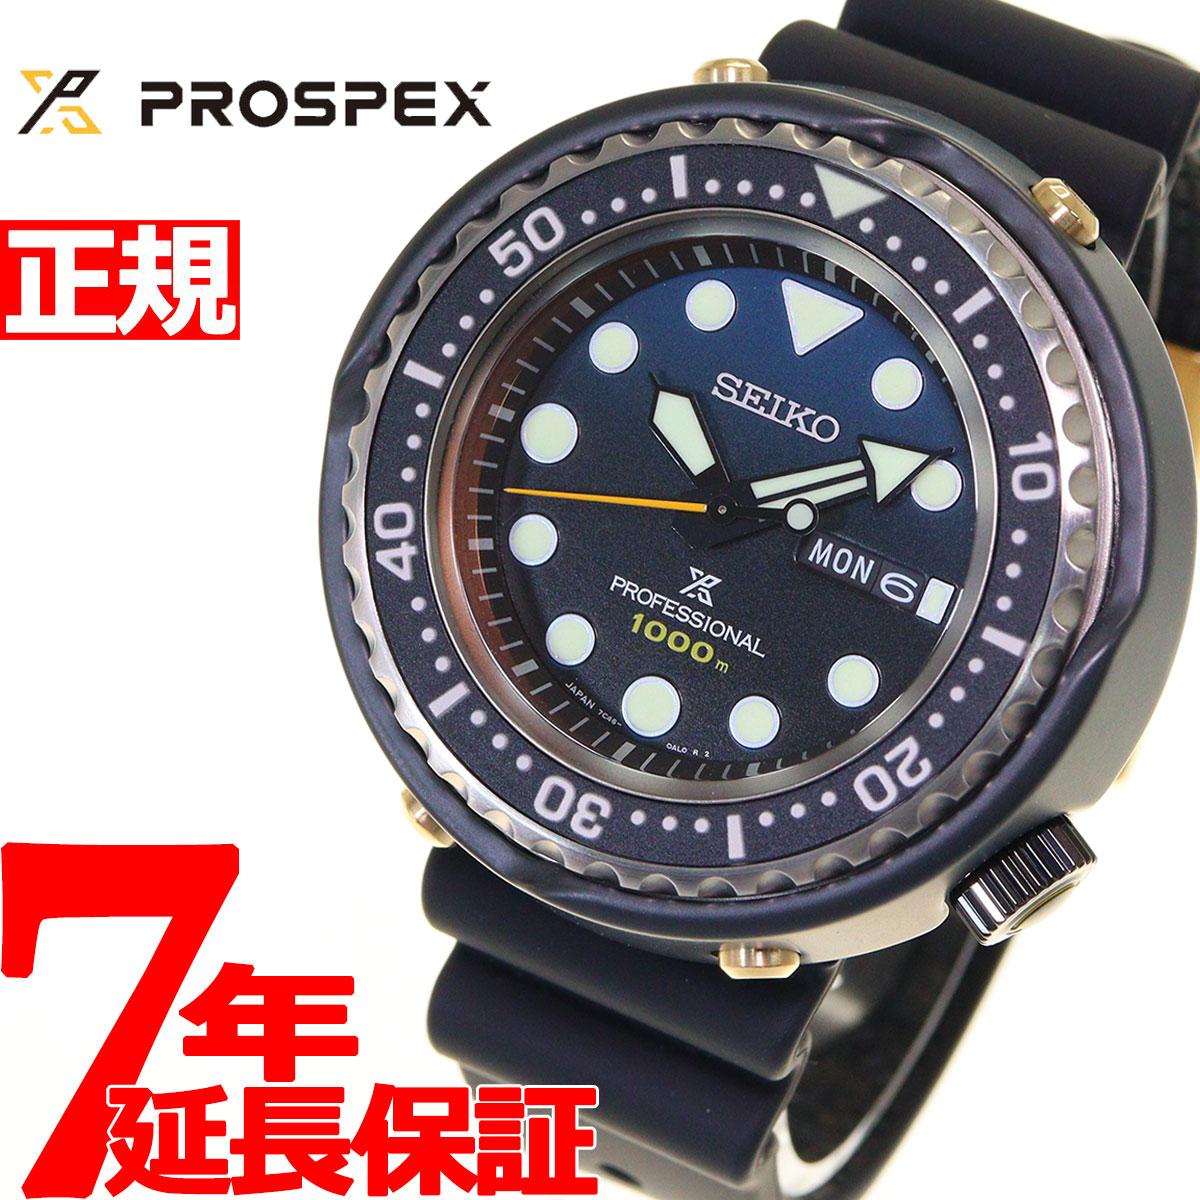 腕時計, メンズ腕時計  SEIKO PROSPEX 1986 35 SBBN0512021